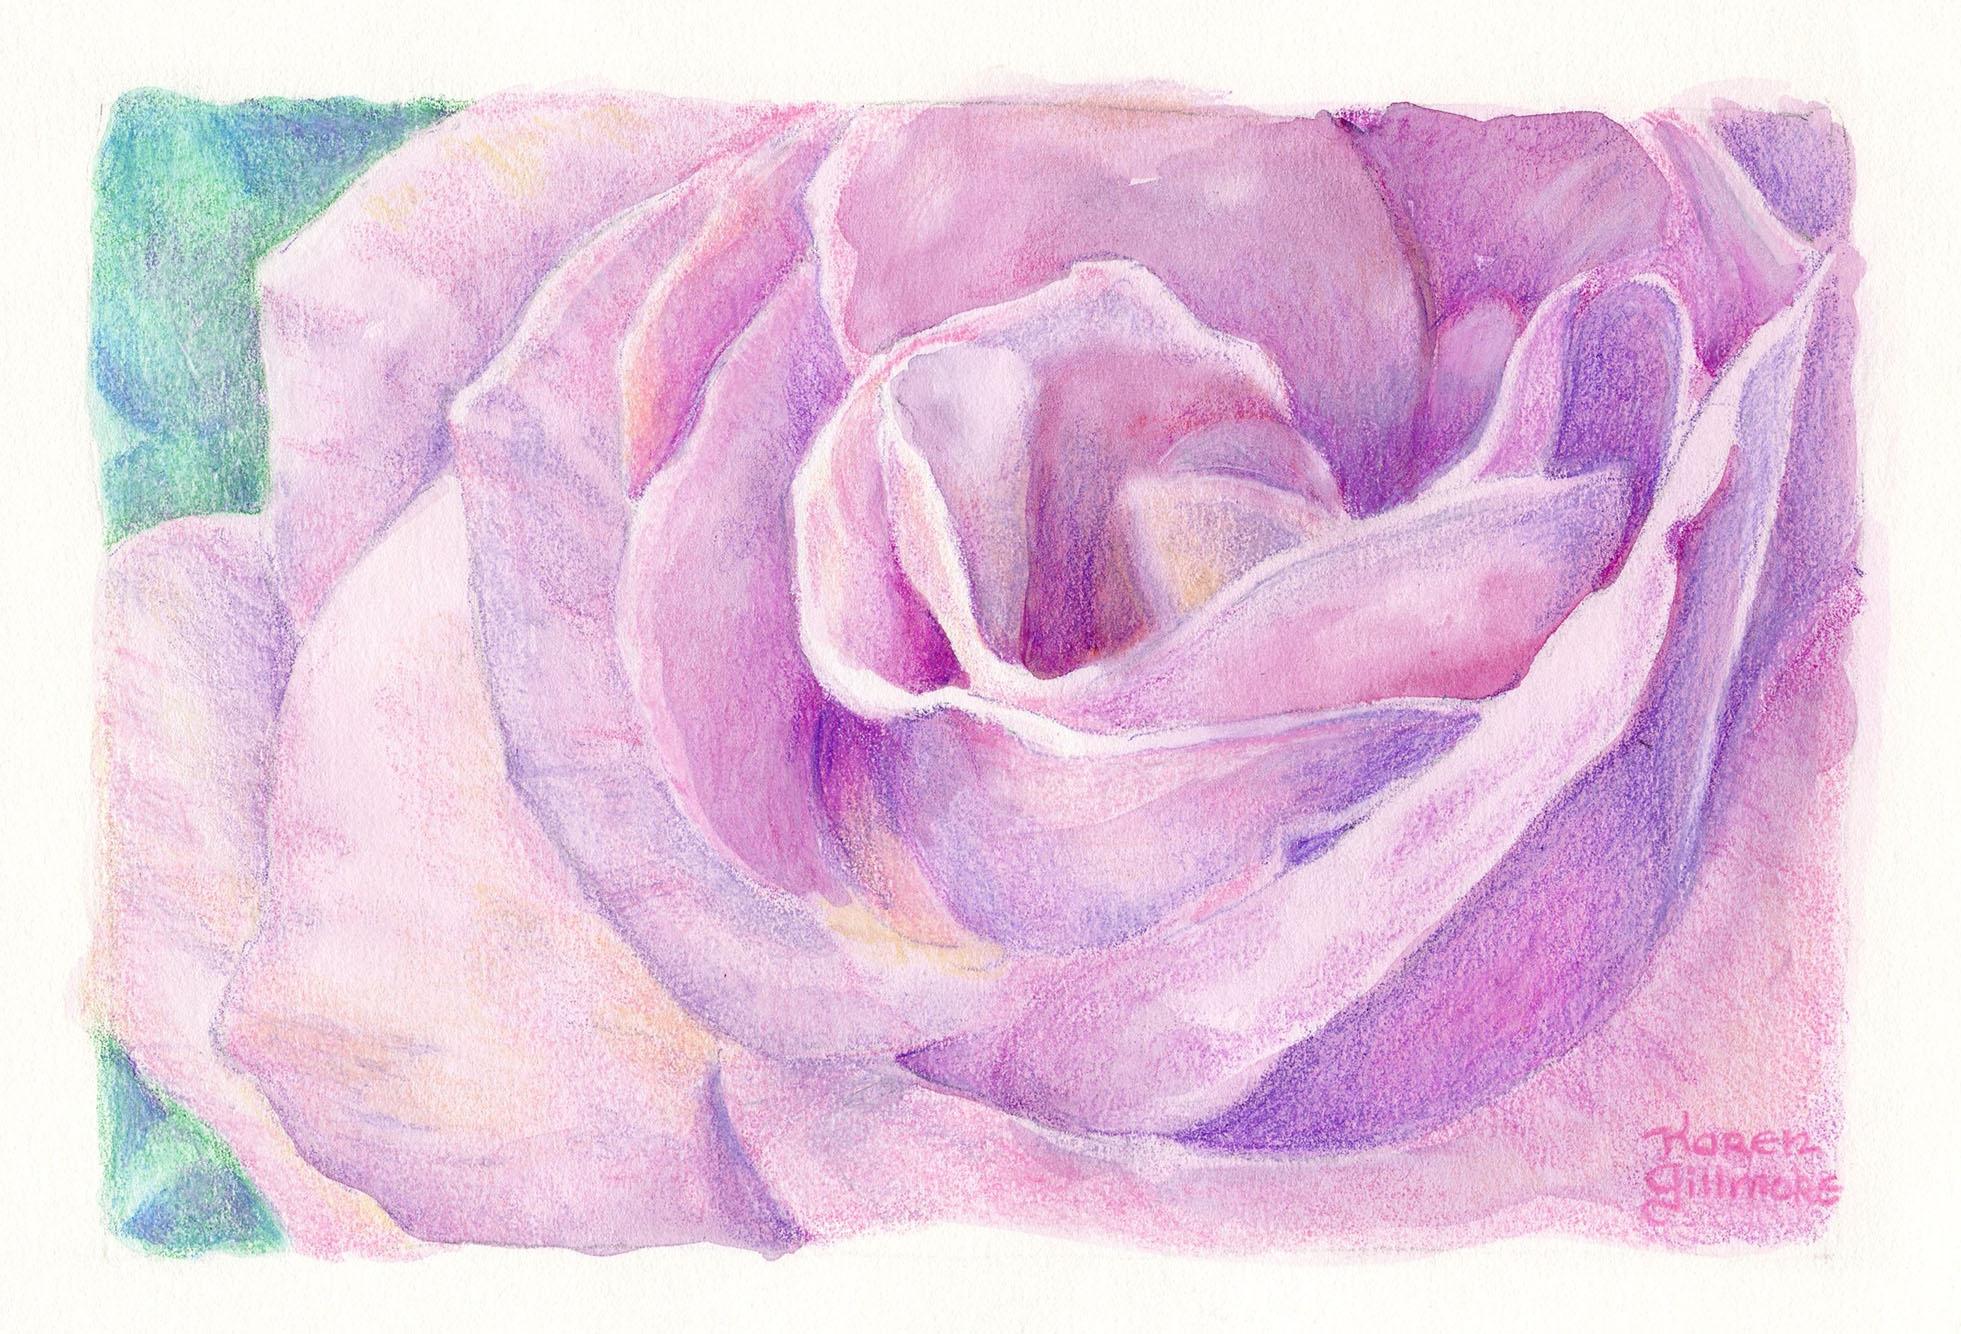 Sm coloured pencil pink rose karen gillmore art sm coloured pencil pink rose kristyandbryce Image collections